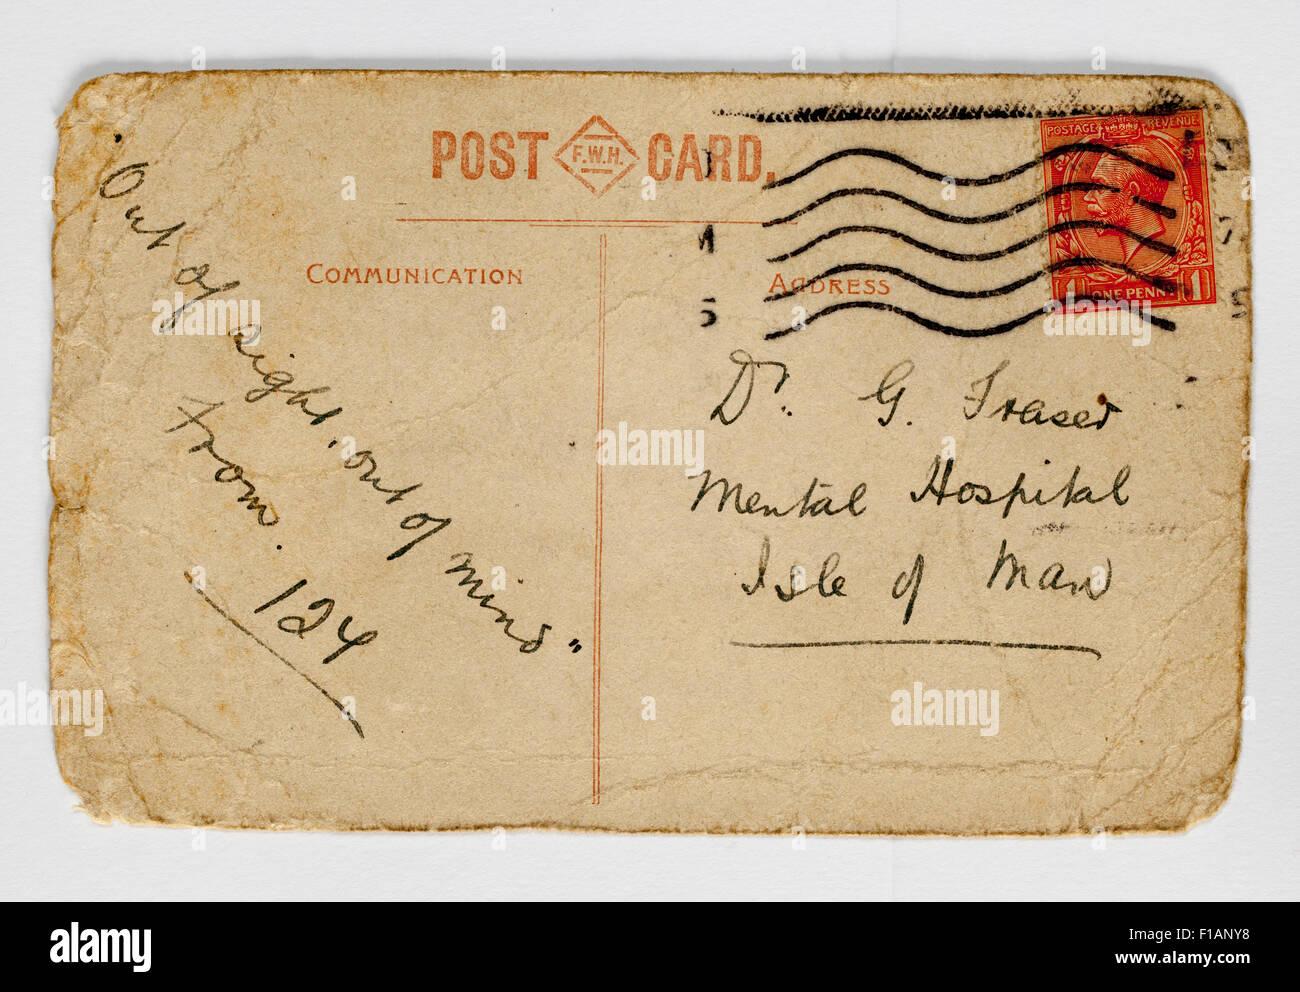 Mobilier Vintage Années 1930 Carte postale Photo Stock